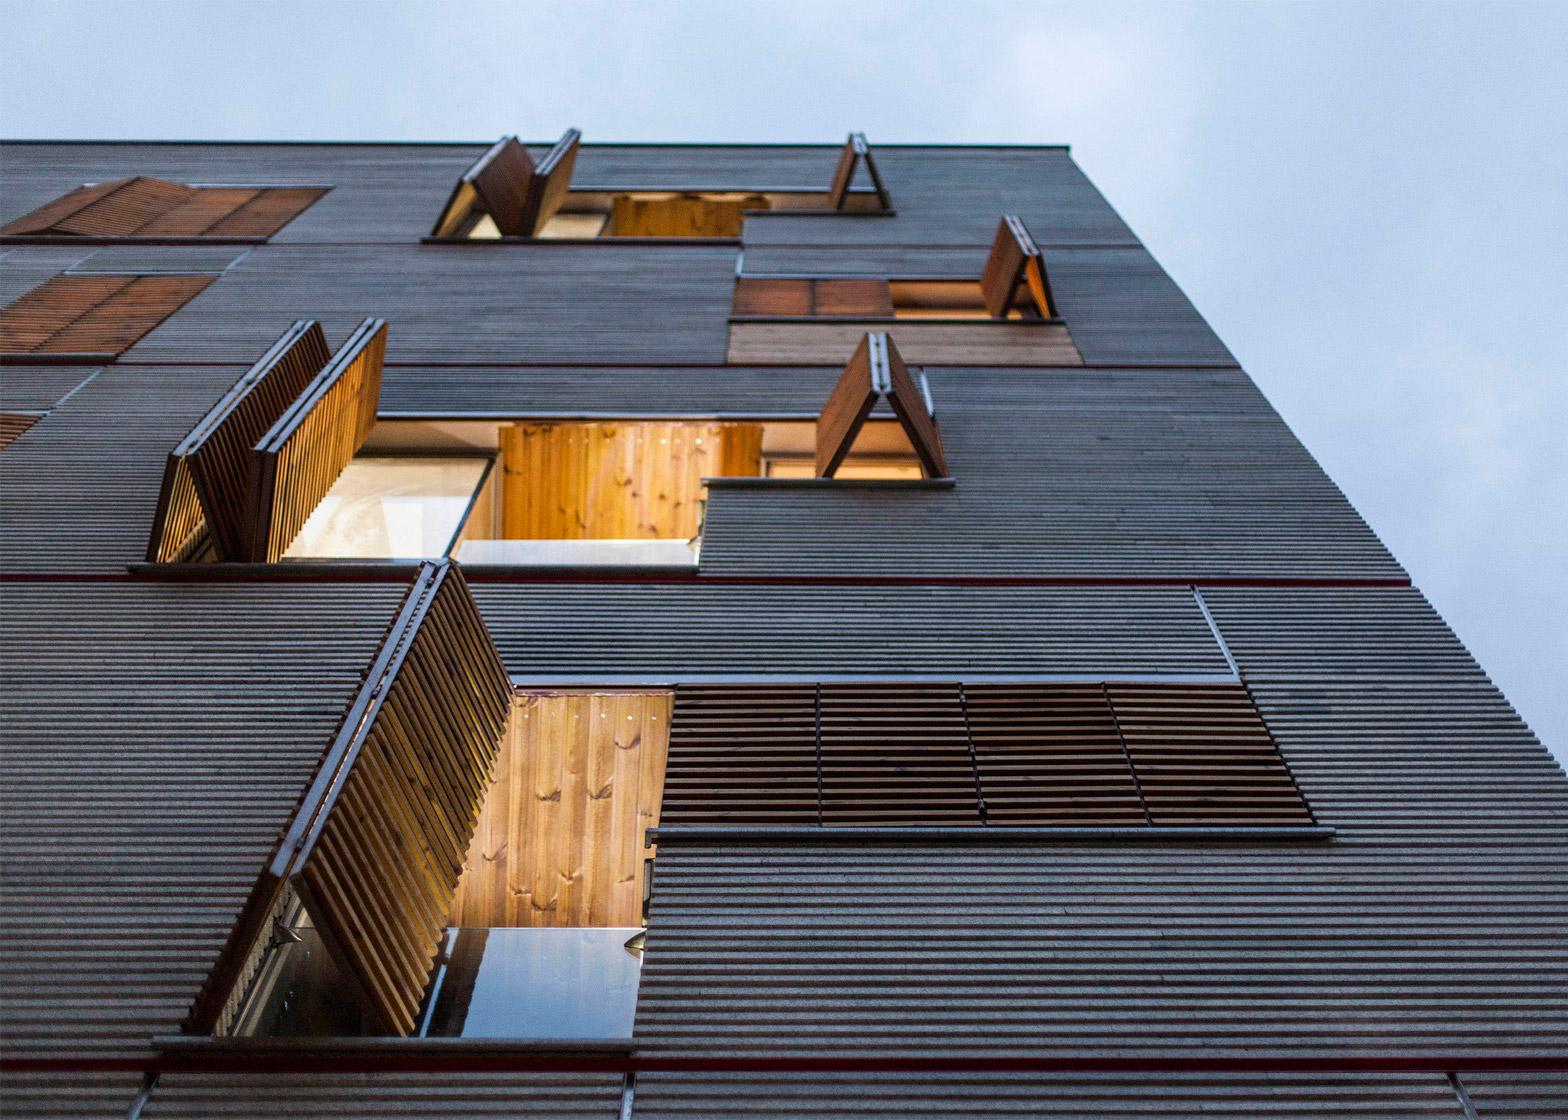 ساختمانی در محله اندرزگو تهران ؛ طراح: دفتر معماری آینه